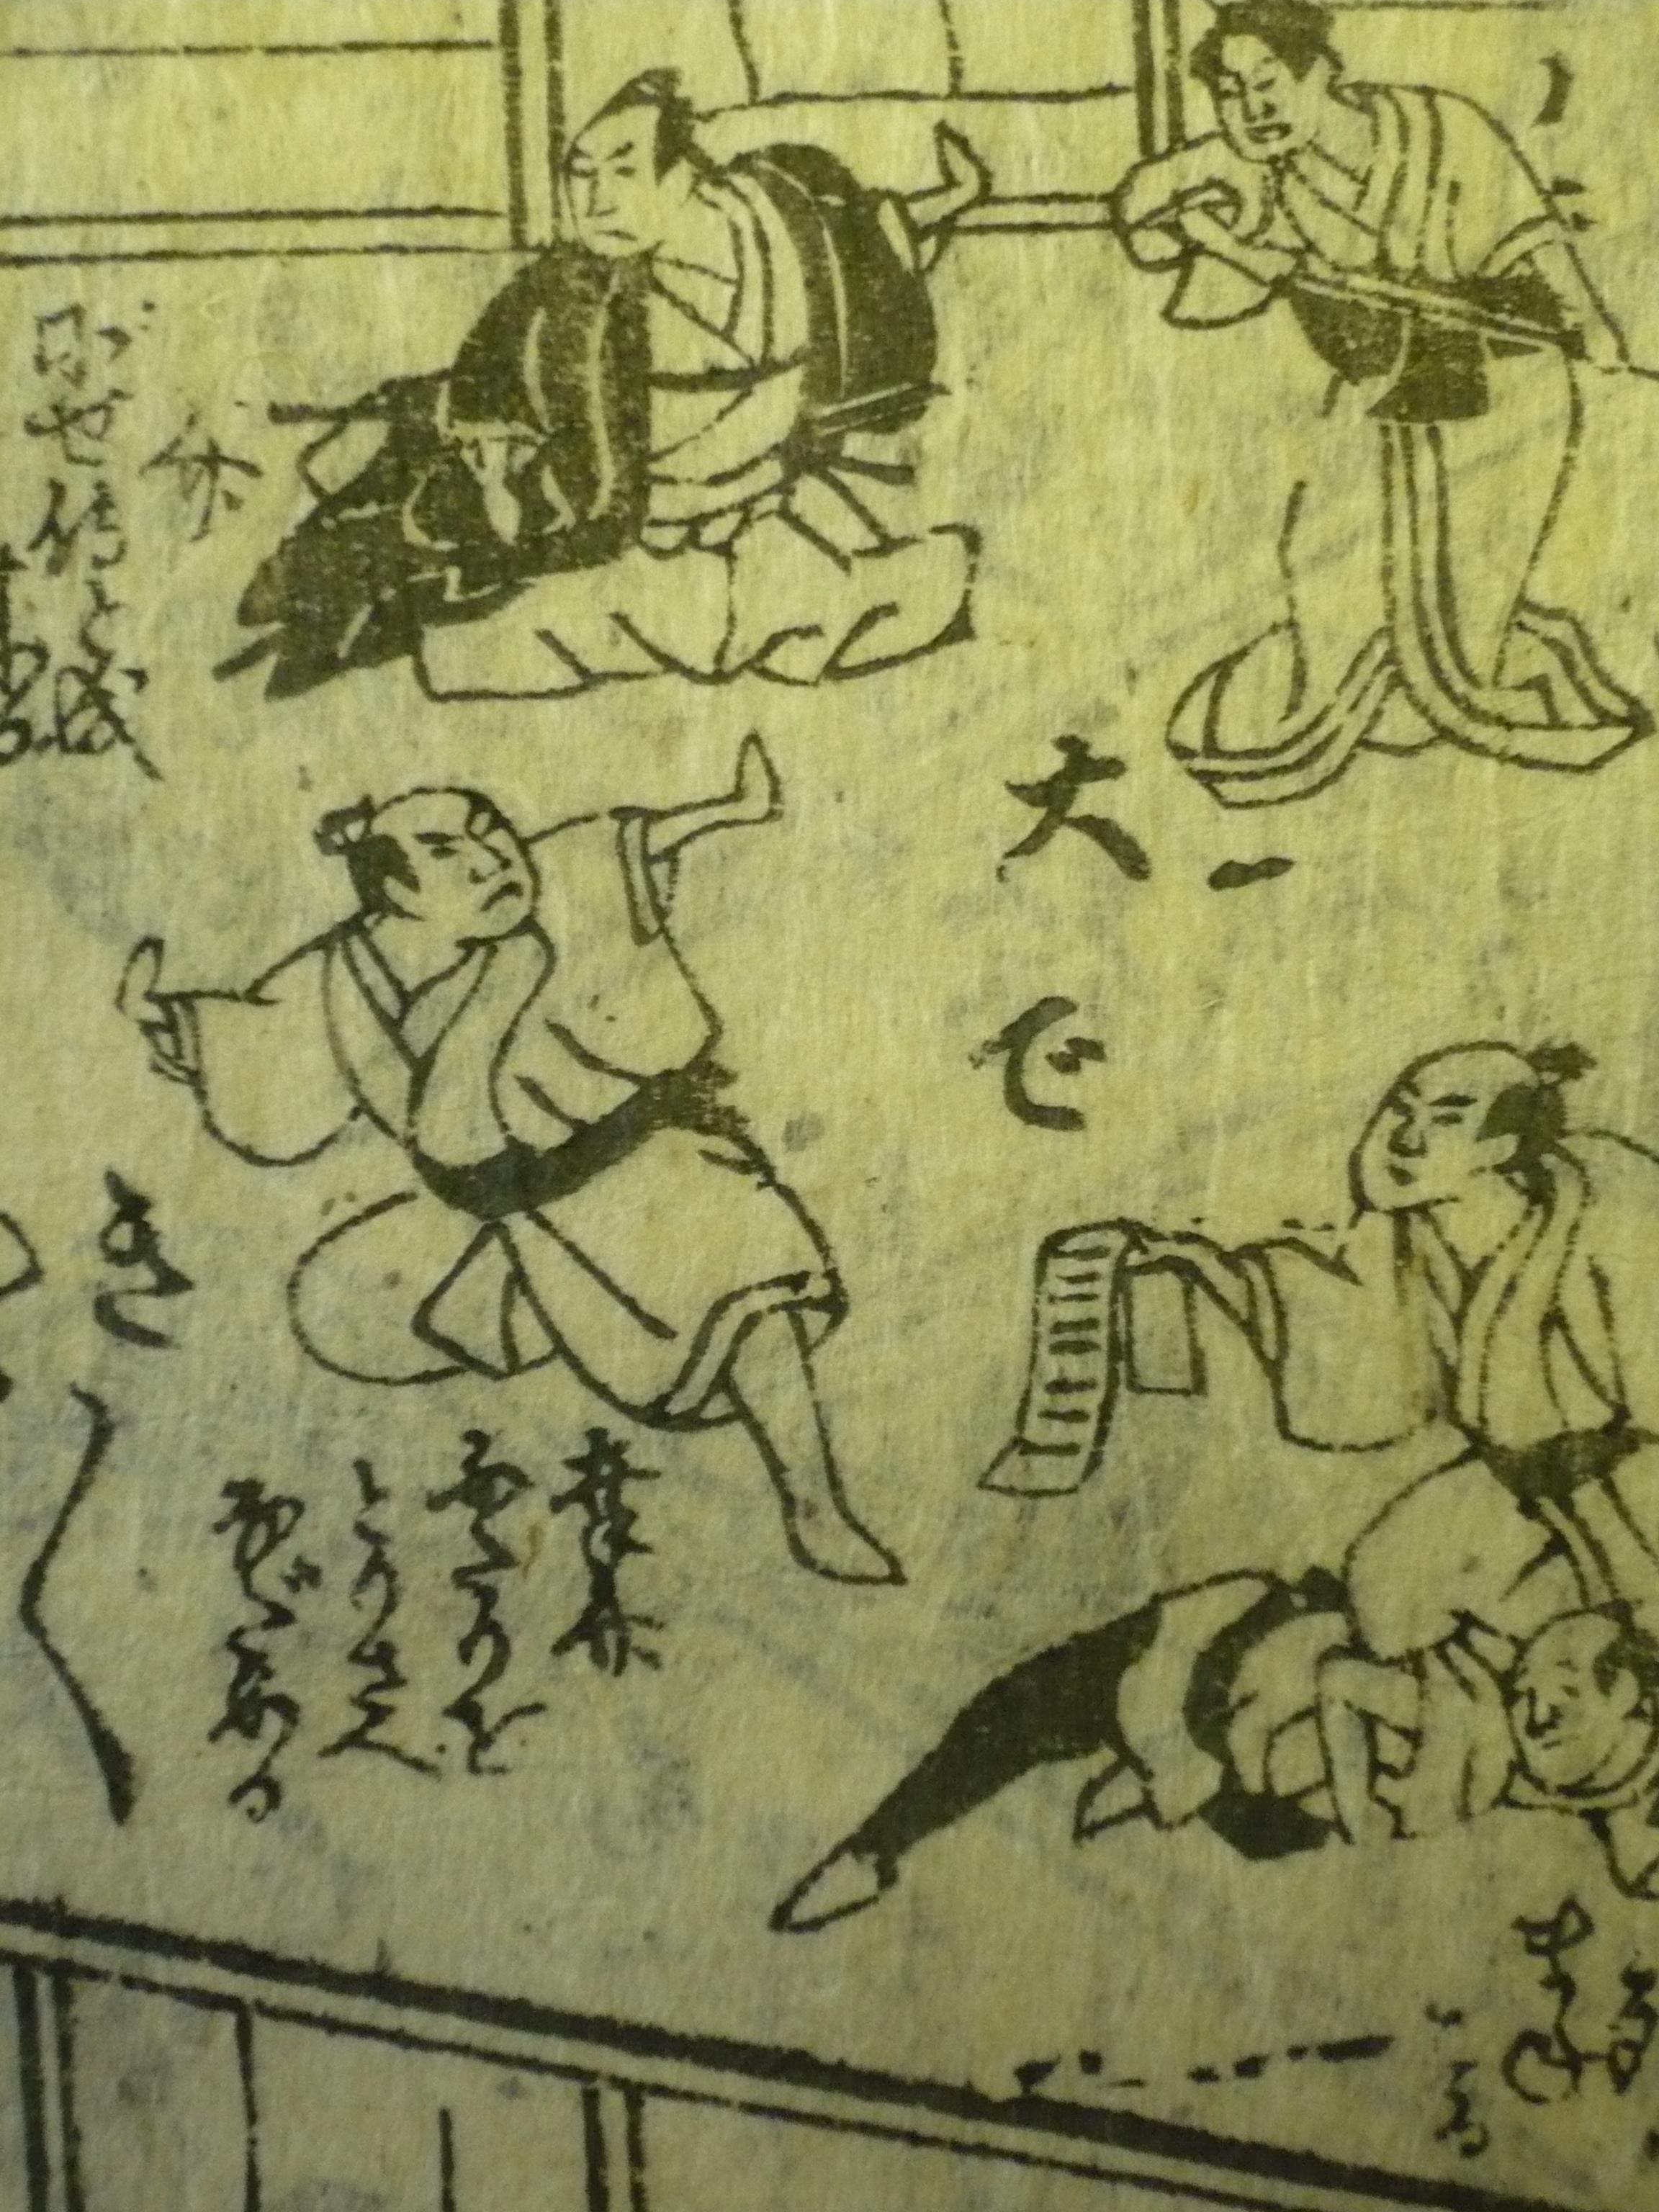 Sakura Zoshi Gonichi Budan